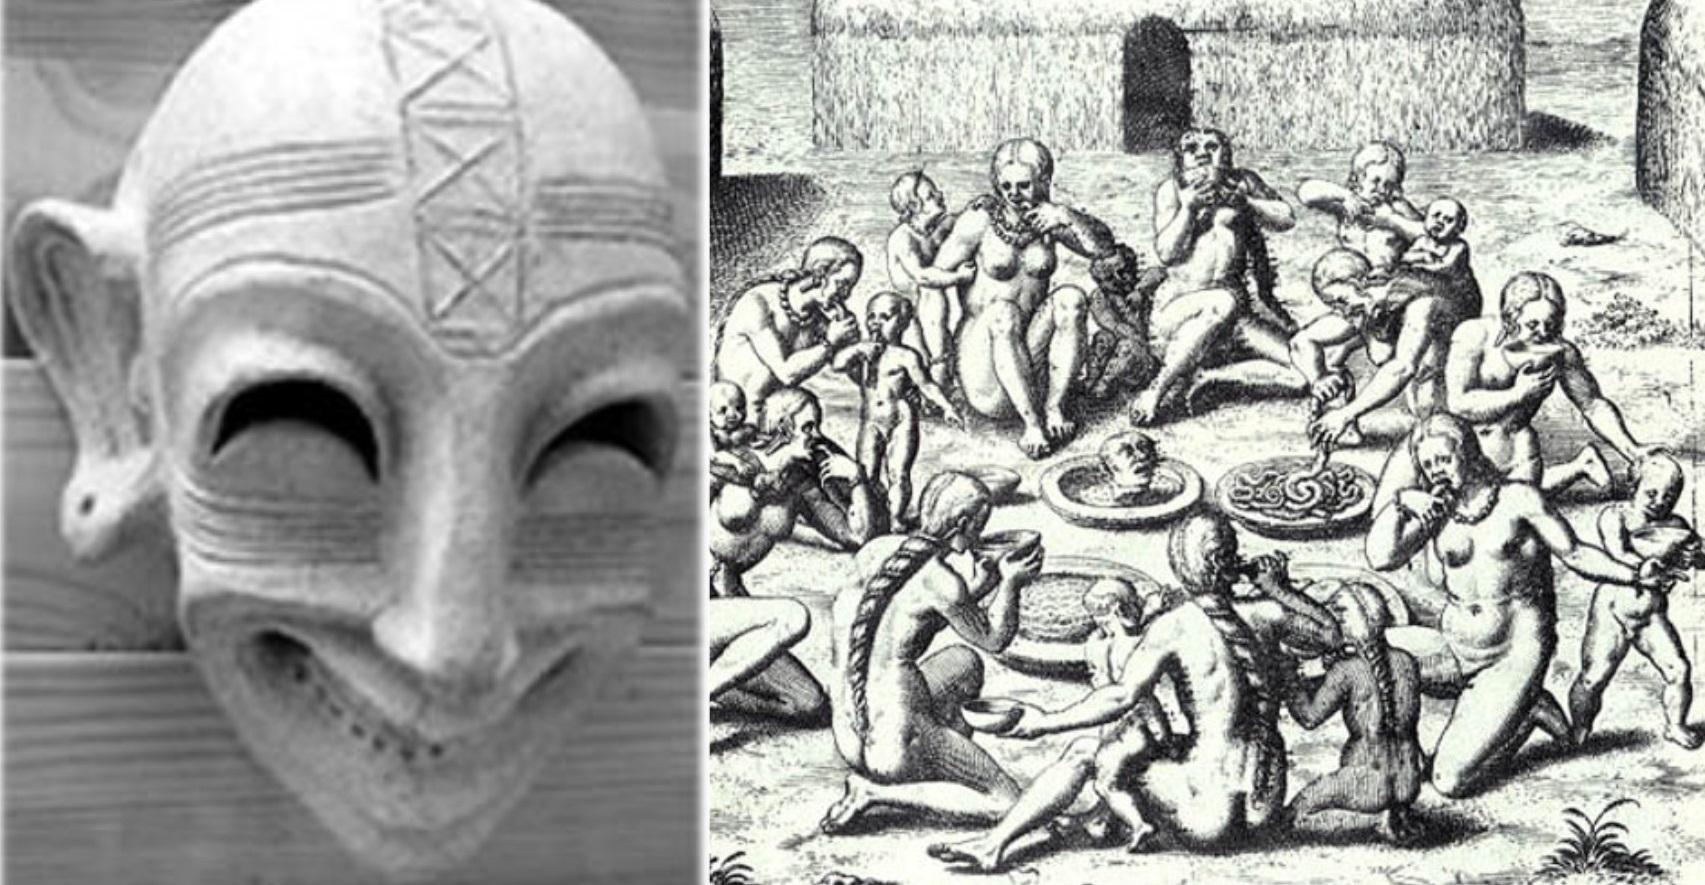 Sardegna e Riso sardonico: l'antropofagia, verità di un tabù e mistero di un mito